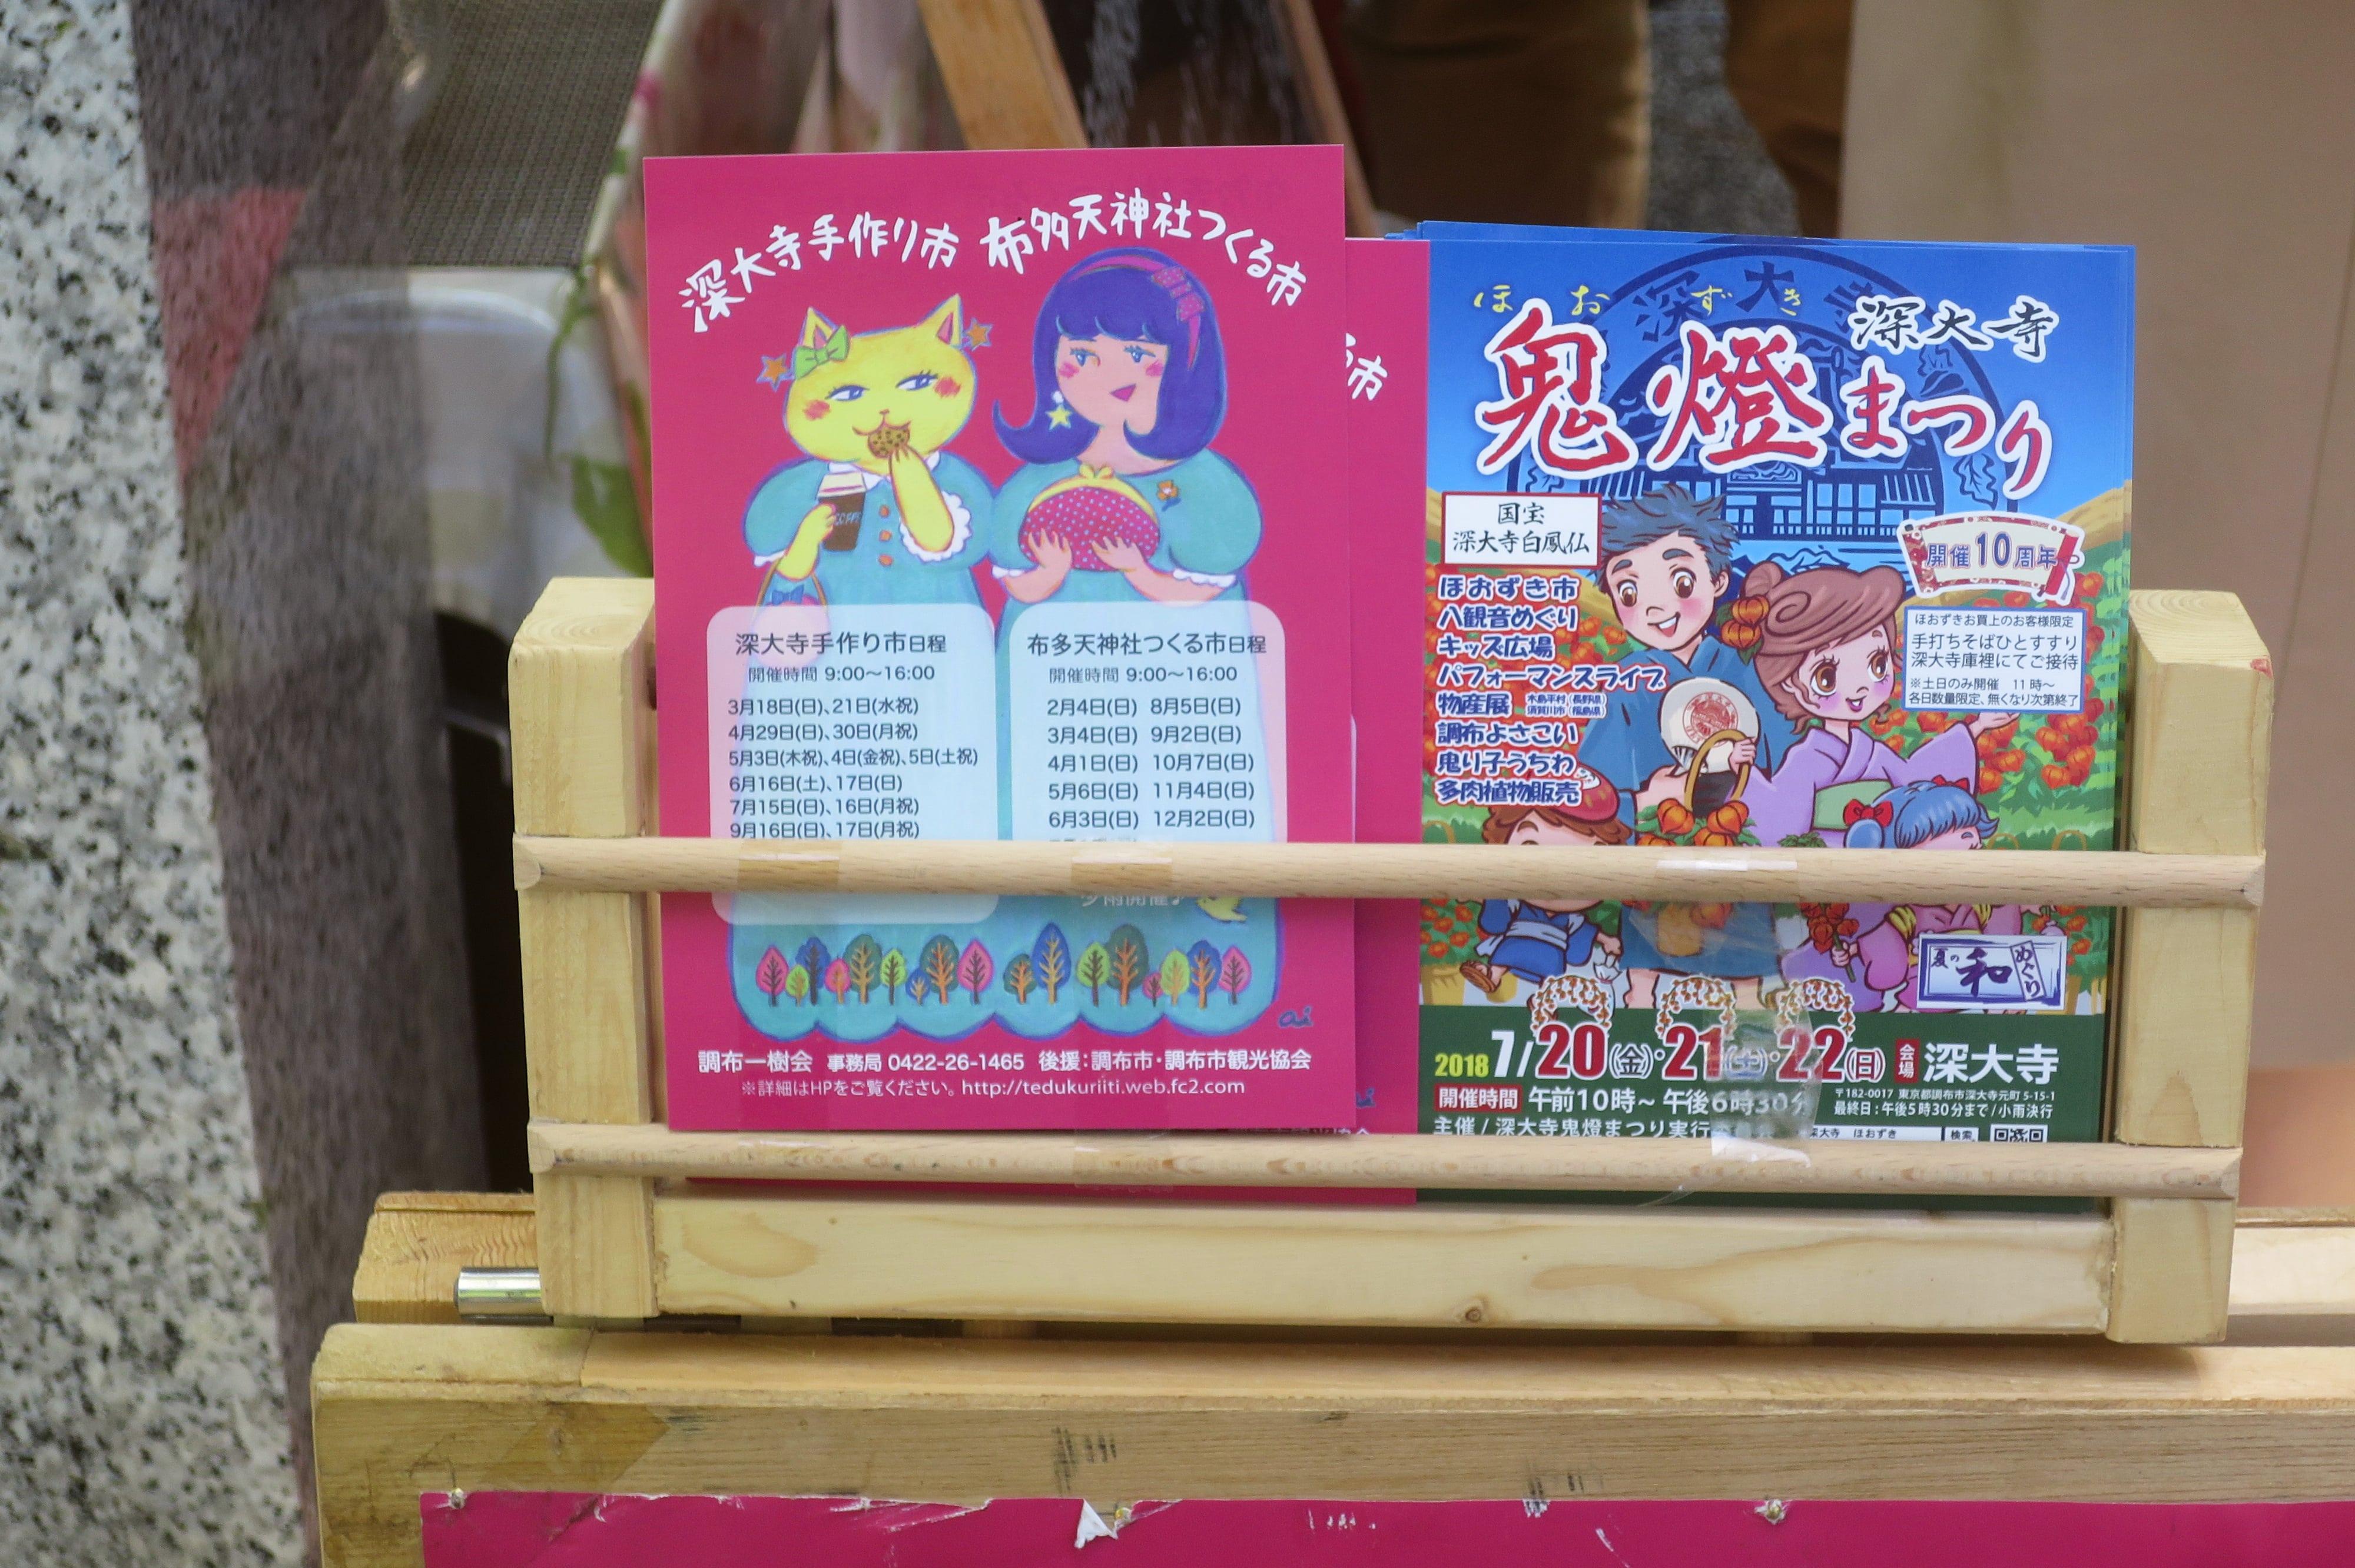 【東京市集】每月第1、2週日限定!調布布多天神社手作市集